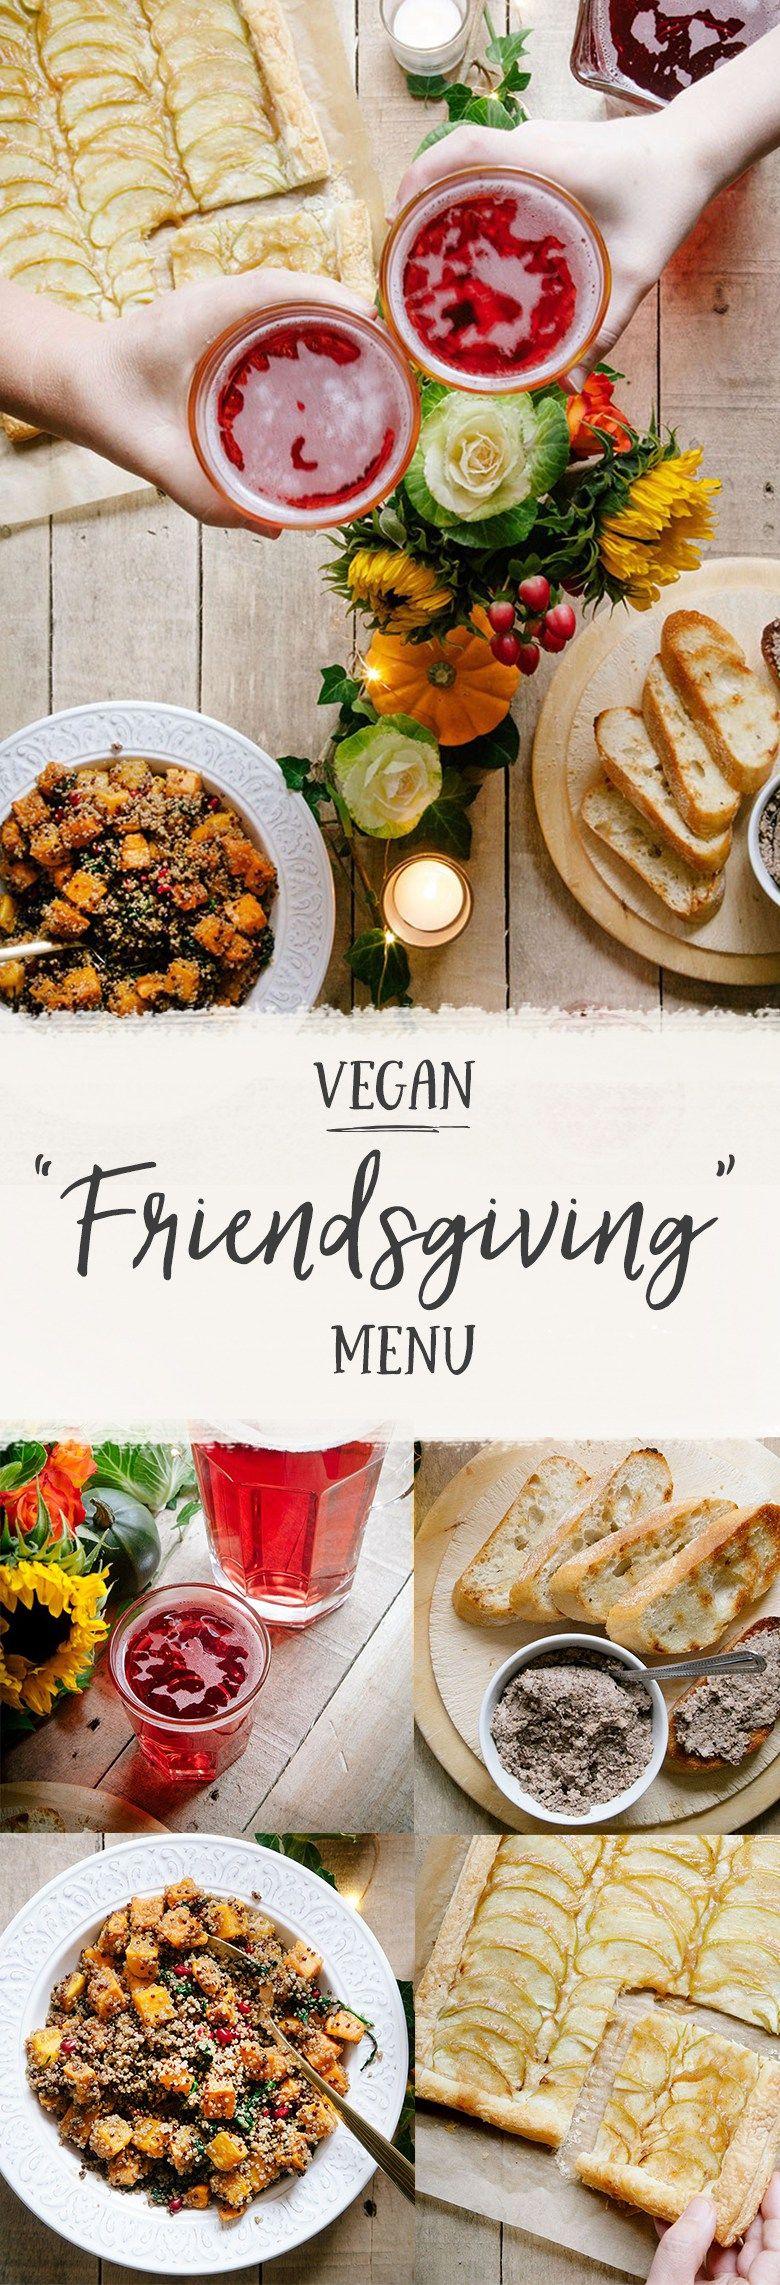 Vegan Friendsgiving Menu Vegan Fall Recipes Vegan